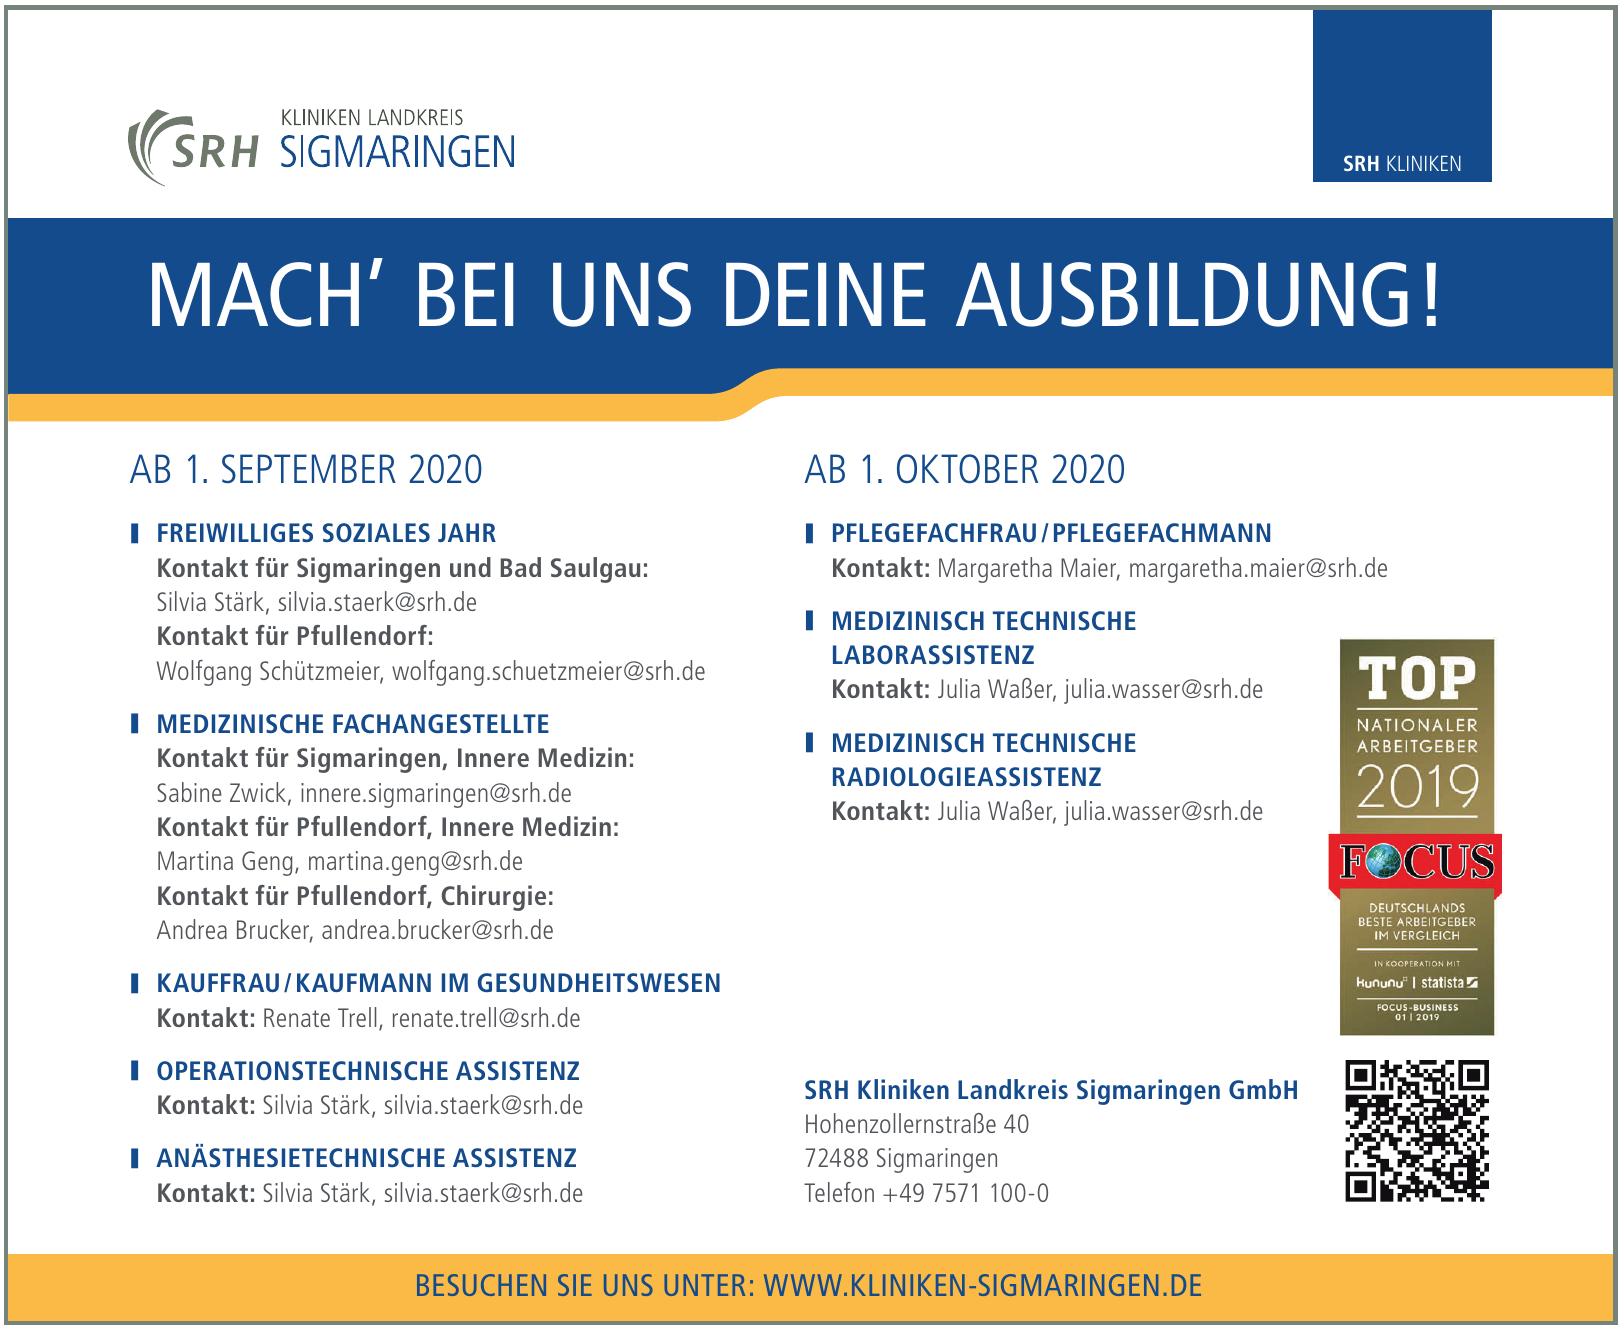 SRH Kliniken Landkreis Sigmaringen GmbH